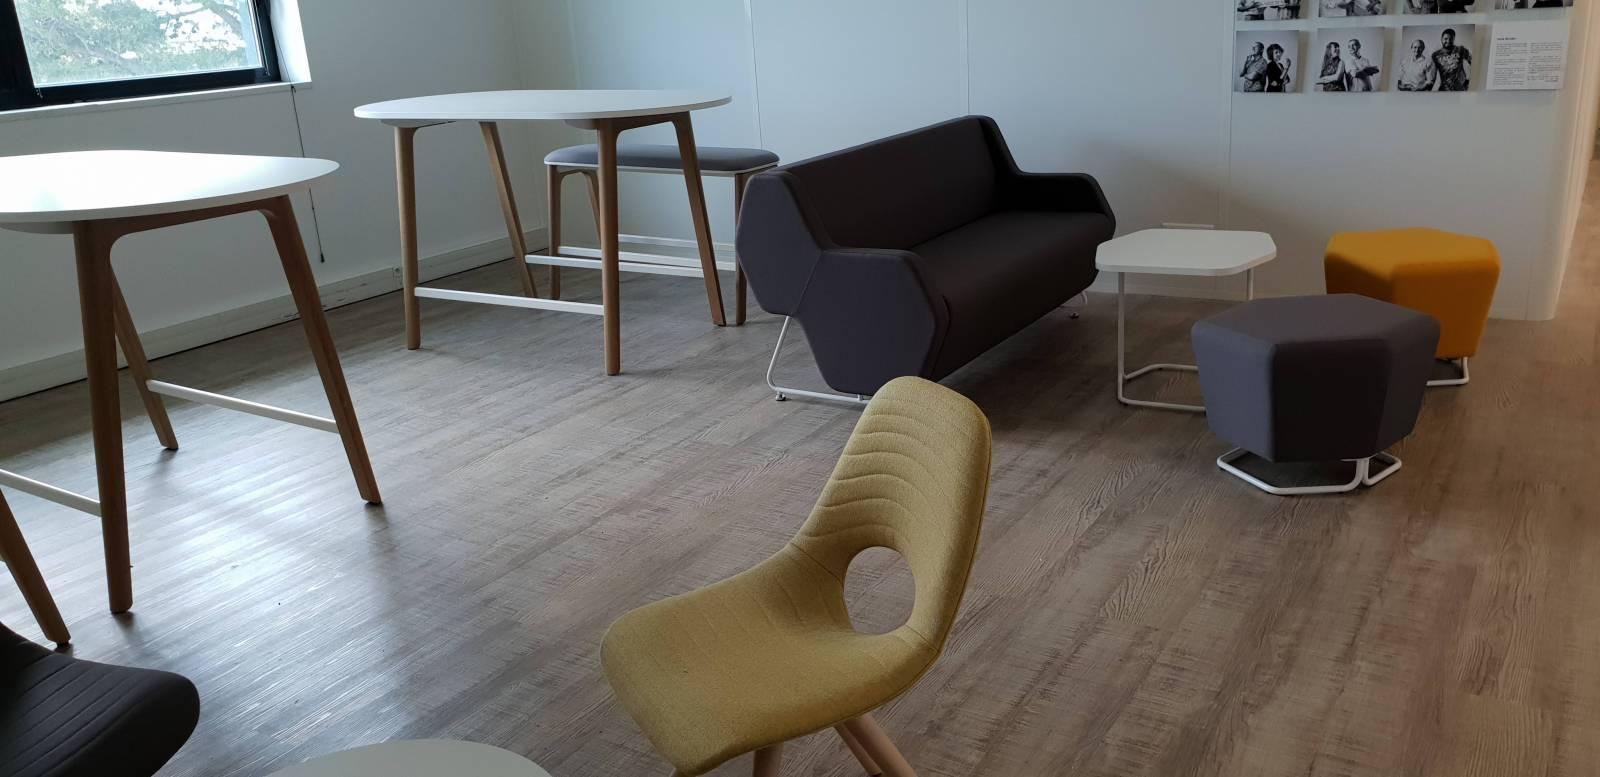 Espace d'attente et de détente avec les tables hautes LEVITATE, le canapé acoustique HEXA avec les poufs et la table d'appoint de la meme gamme sur Marseille